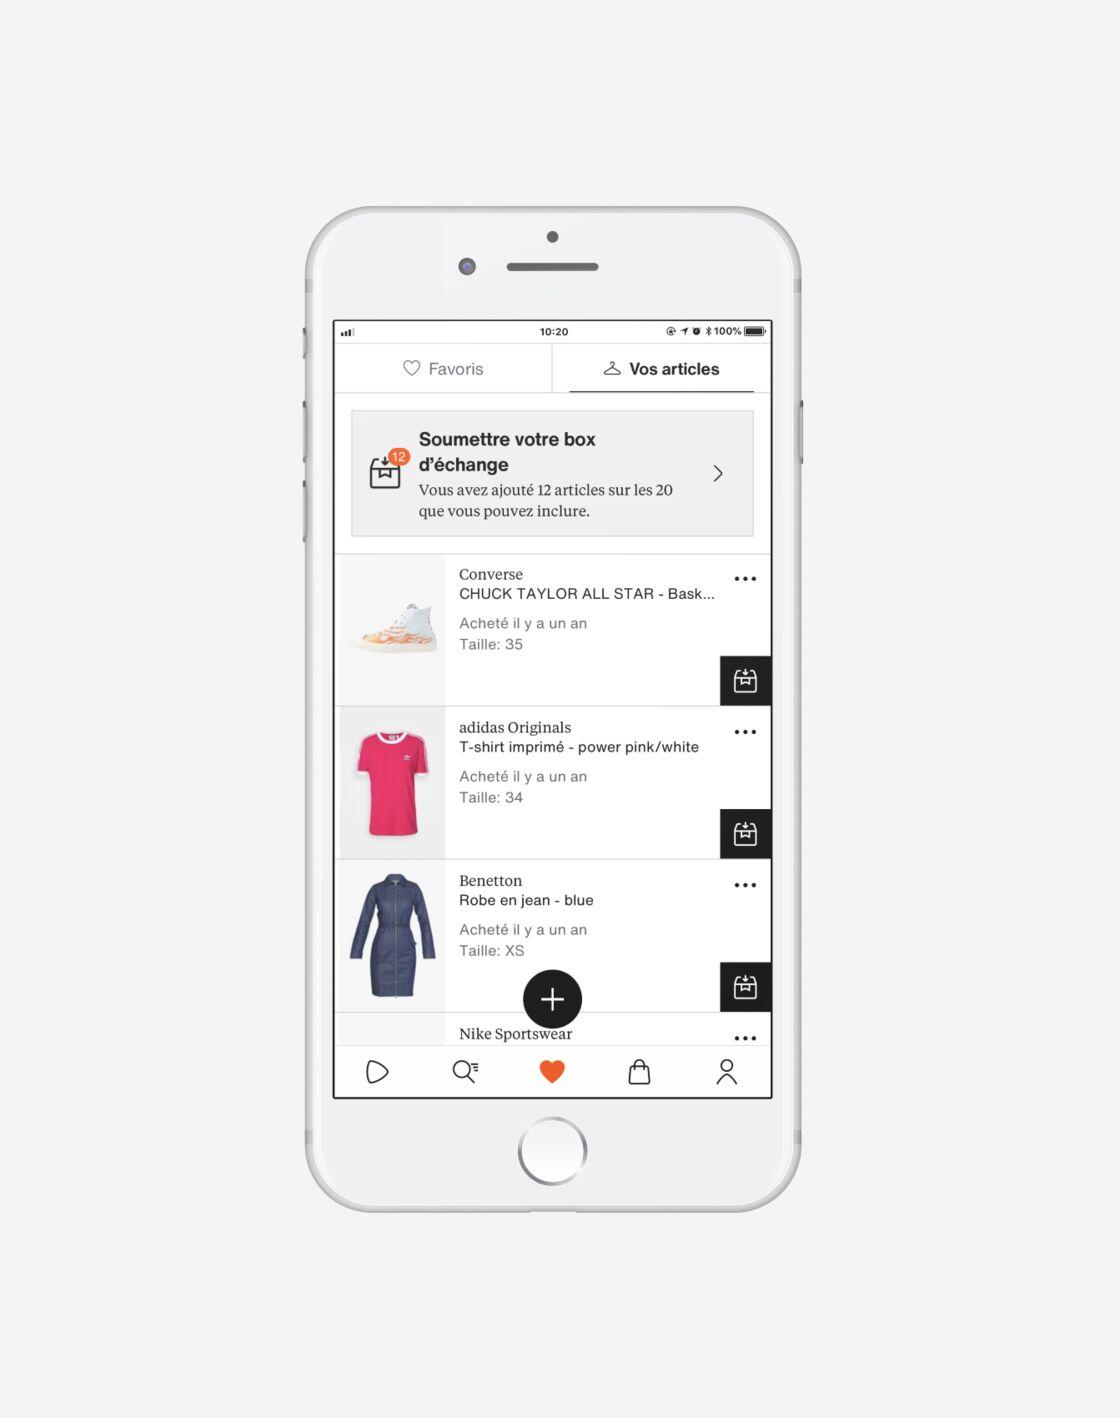 Le lancement de l'espace Seconde main s'accompagnera d'une campagne intitulée « Echangeons ensemble », encourageant les clients à échanger, trouver et redonner du style à des articles de mode uniques.